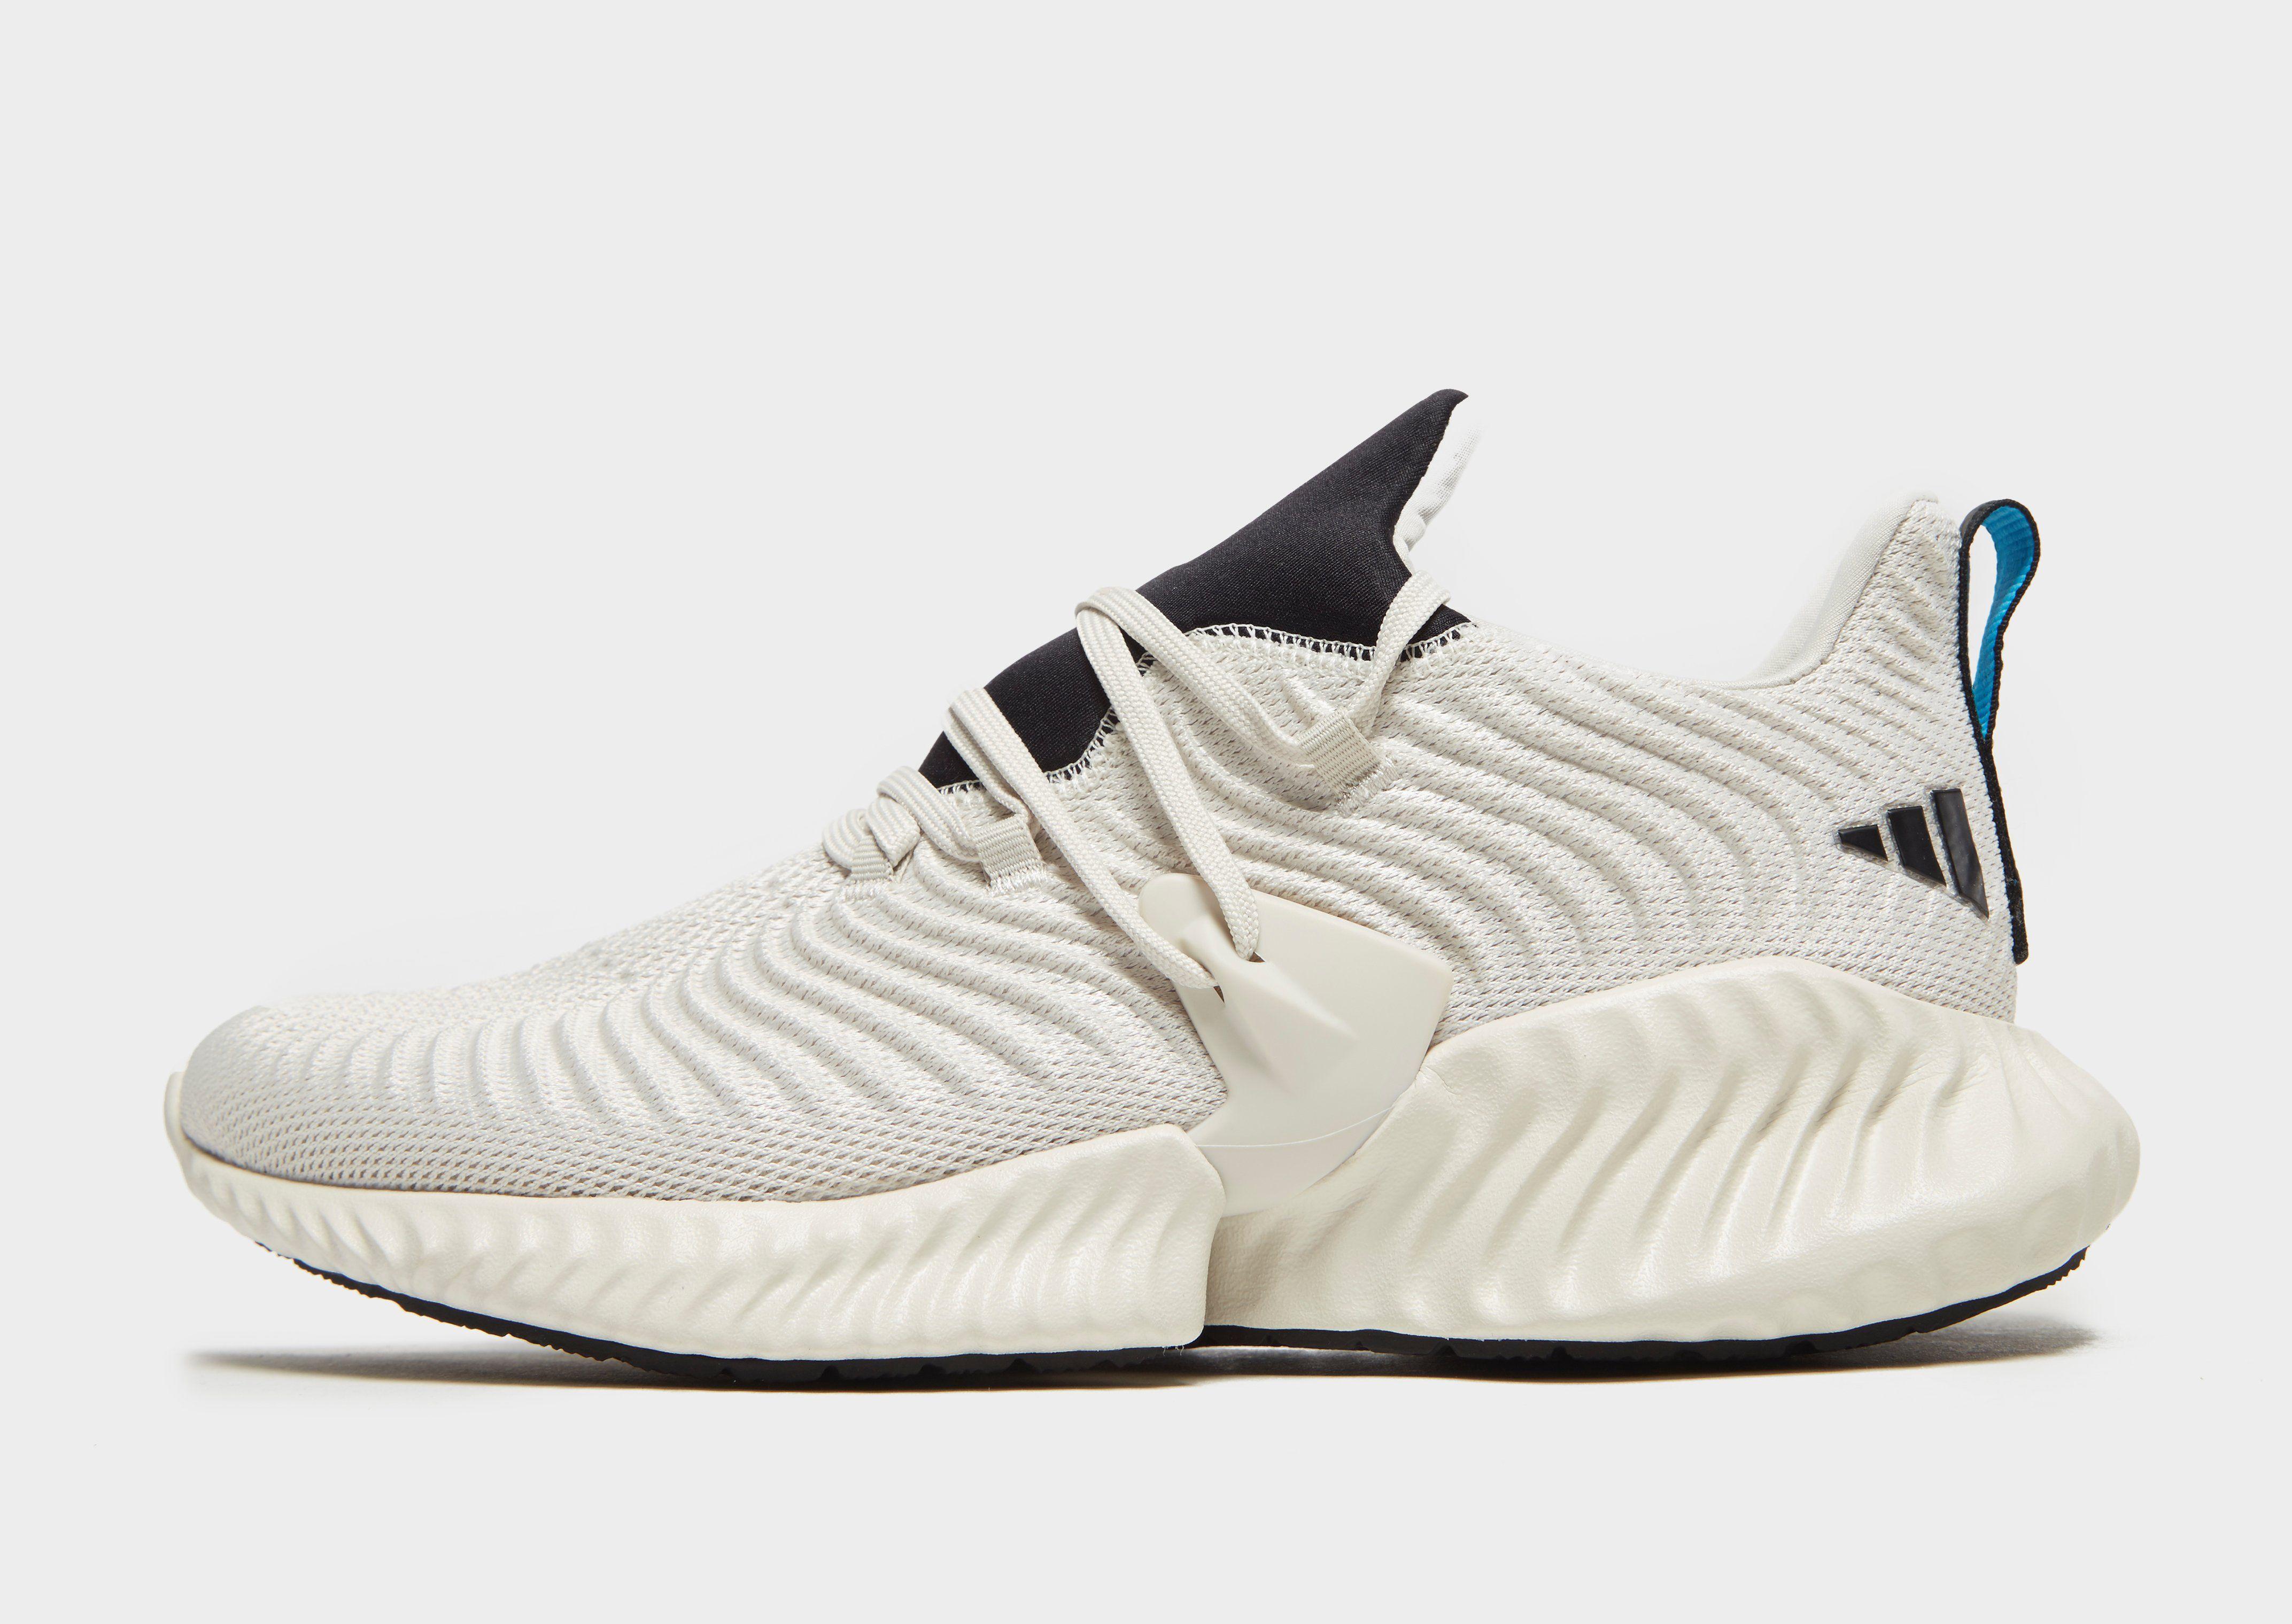 8eb751e9e ADIDAS Alphabounce Instinct Shoes